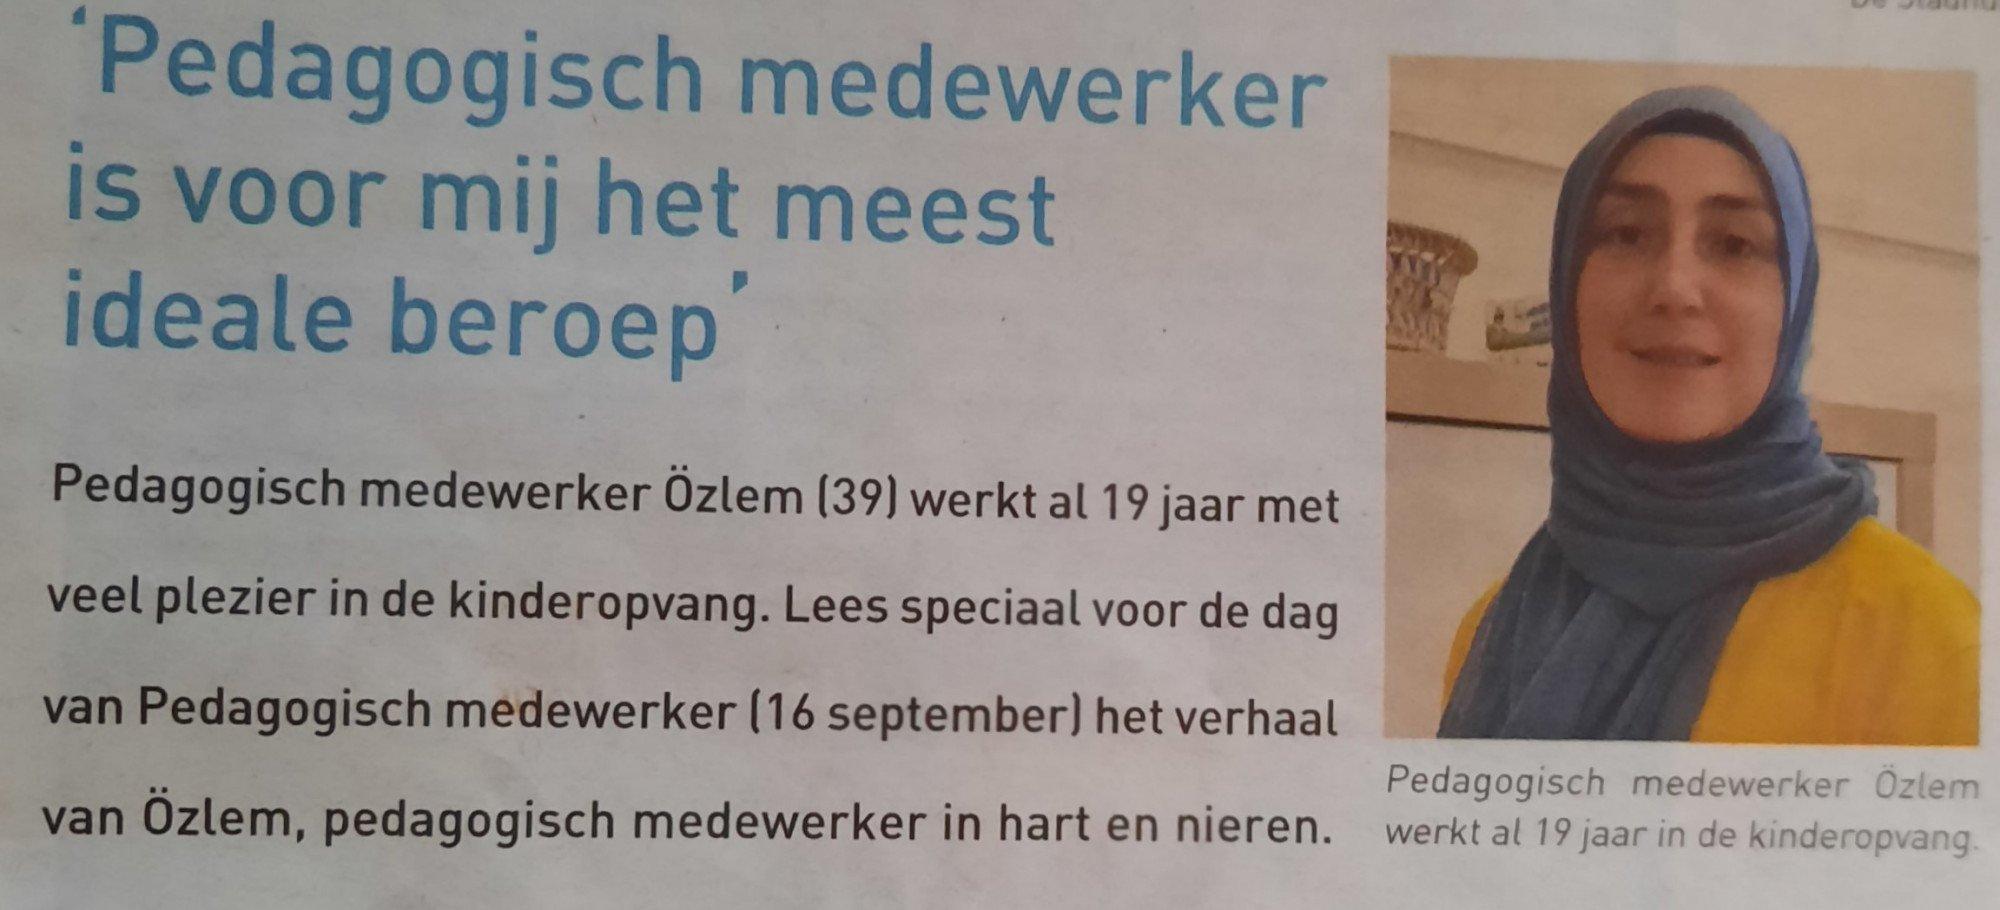 pedagogisch medewerker, droombaan, werkplezier, difference4y, Regina van Amson, register loopbaanprofessional, coach, burn-out, spreker